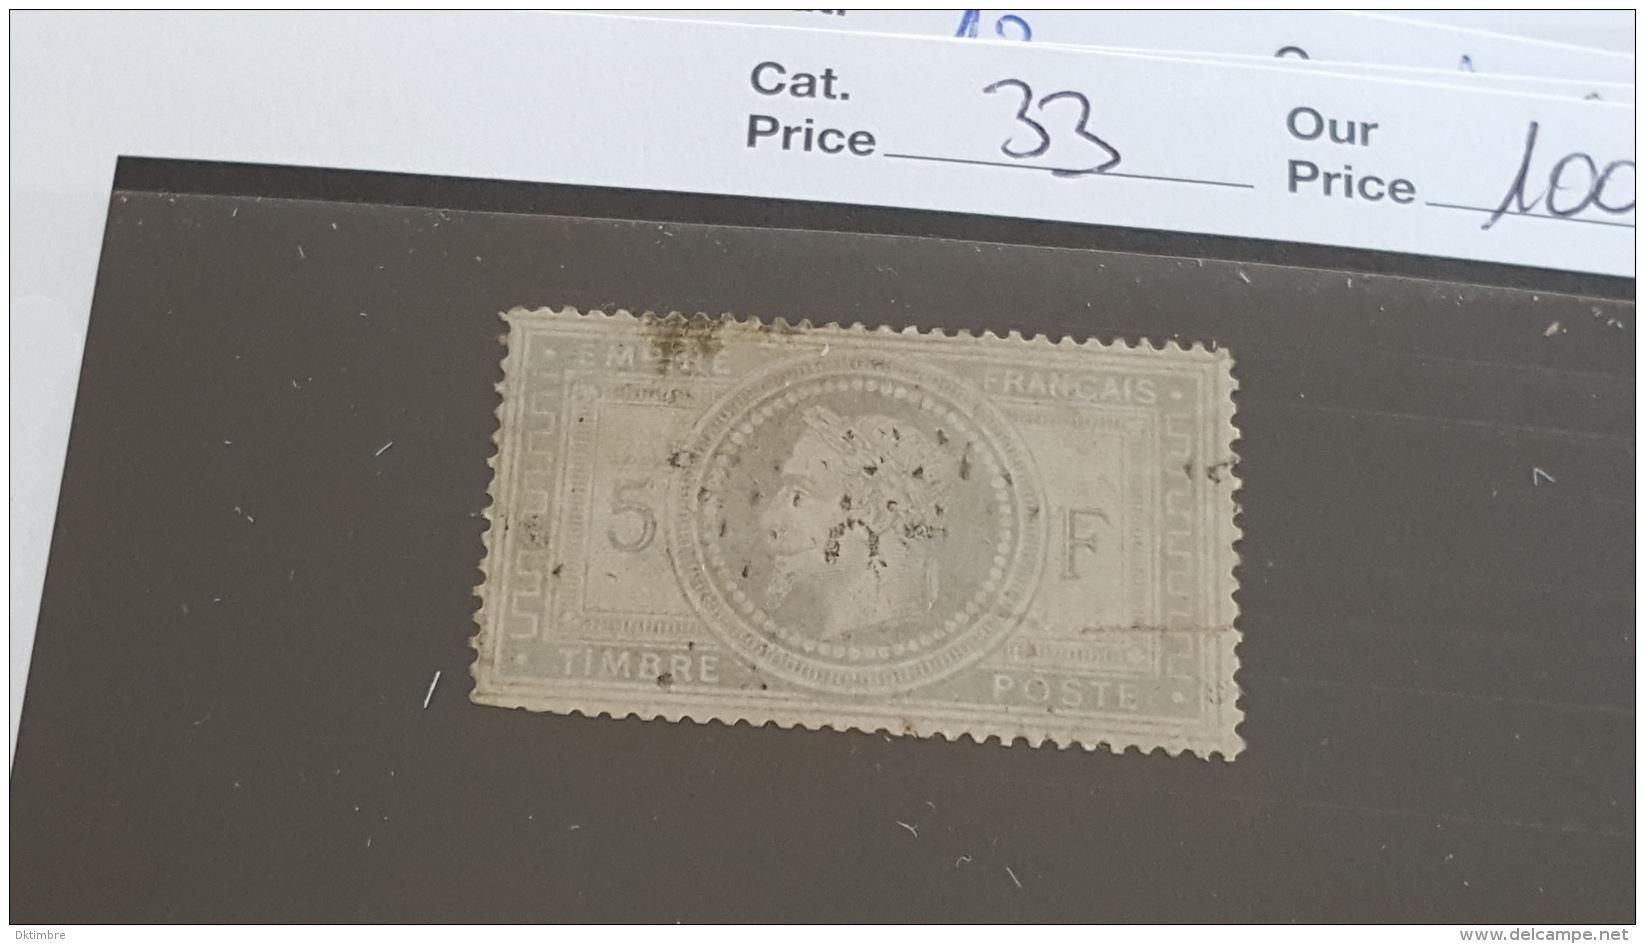 LOT 353140 TIMBRE DE FRANCE OBLITERE N°33 VALEUR 1100 EUROS 2ND CHOIX - 1863-1870 Napoléon III Lauré